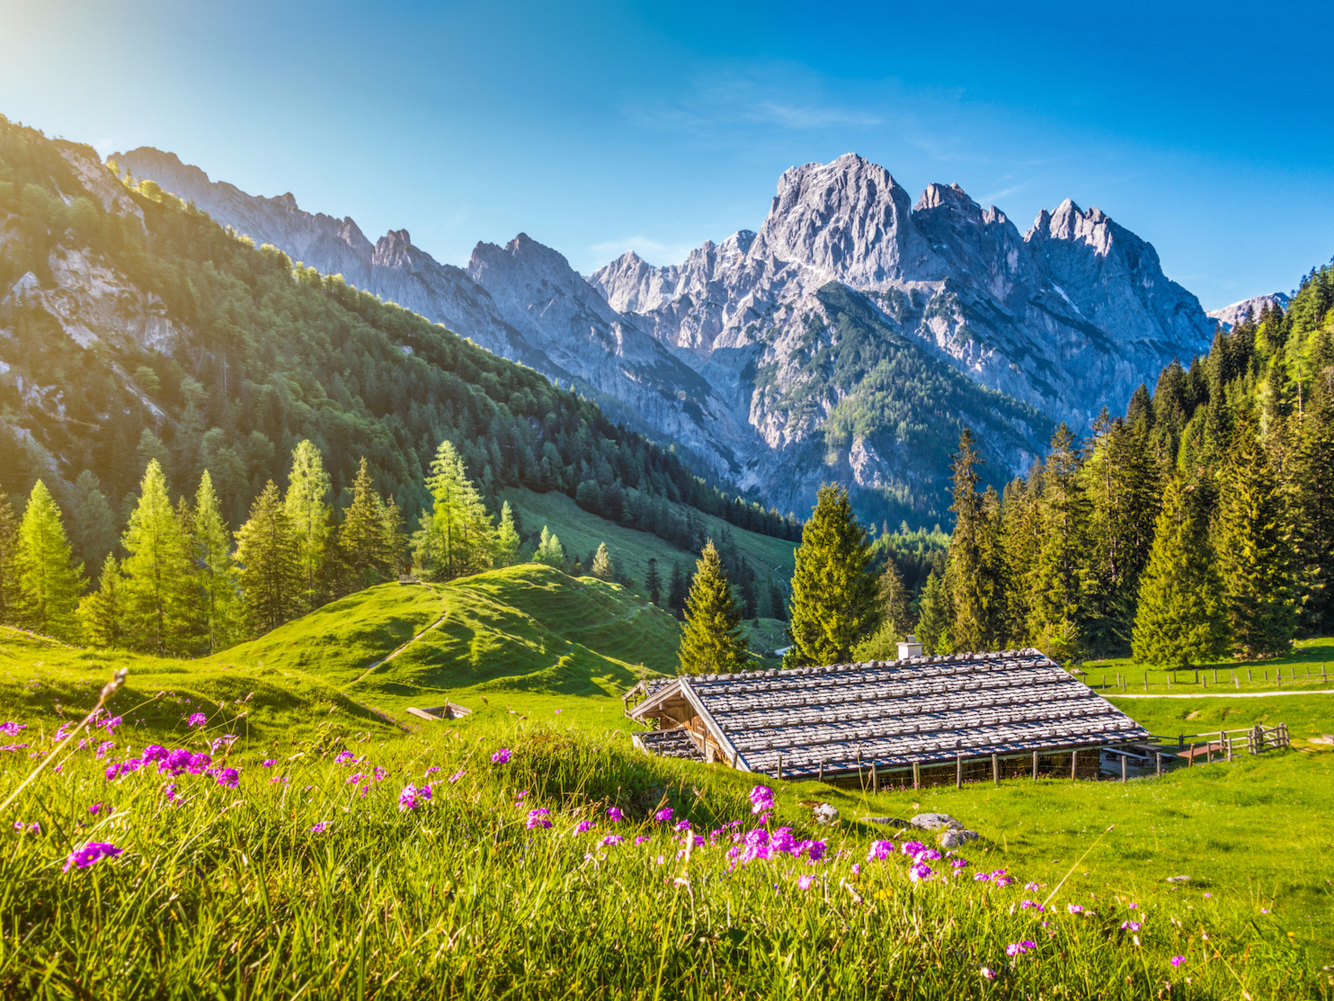 """<strong><em>Dãy Alps, châu Âu:</em></strong>Trải dài qua 8 nước châu Âu với chiều dài gần 1.200 km, dãy núi Alps là hệ thống núi lớn nhất ở châu Âu. Các quốc gia mà dãy núi chạy qua là Thụy Sĩ, Áo, Italy, Đức, Pháp, Slovenia, Liechtenstein và Hungary. Con người đã sống ở vùng Alps từ nhiều thế kỷ trước. """"Ötzi the Iceman"""" - tên gọi xác ướp tự nhiên cổ nhất của người châu Âu, đã được phát hiện ra trên sông băng ở dãy Alps vào năm 1991. Người ta tin rằng người đàn ông này chết 5.300 năm trước, nhưng thi thể được giữ hoàn hảo trong băng."""